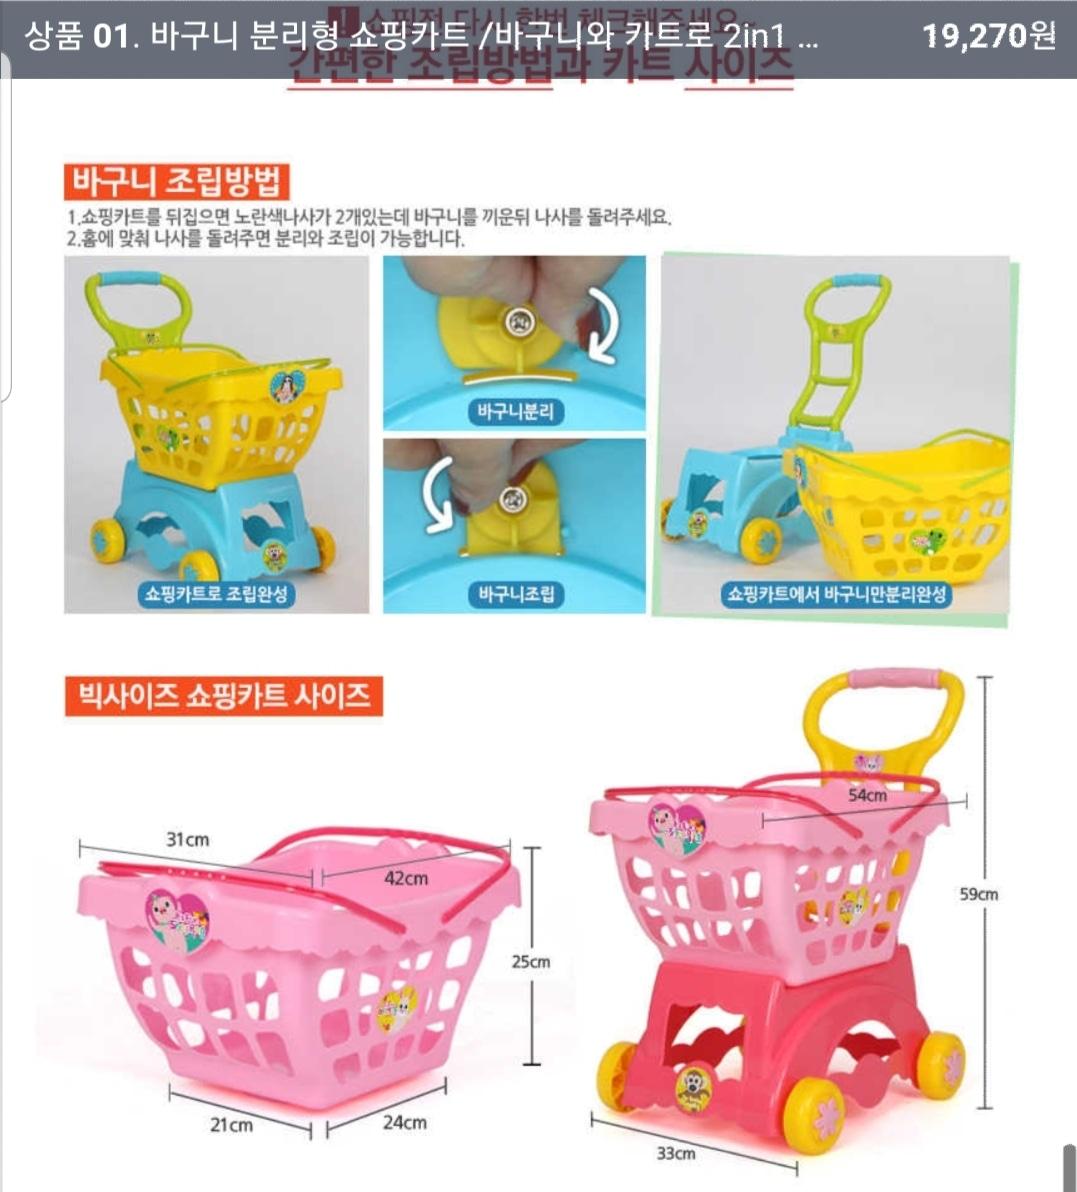 플레이맥스 바구니 분리형 쇼핑카트 장난감